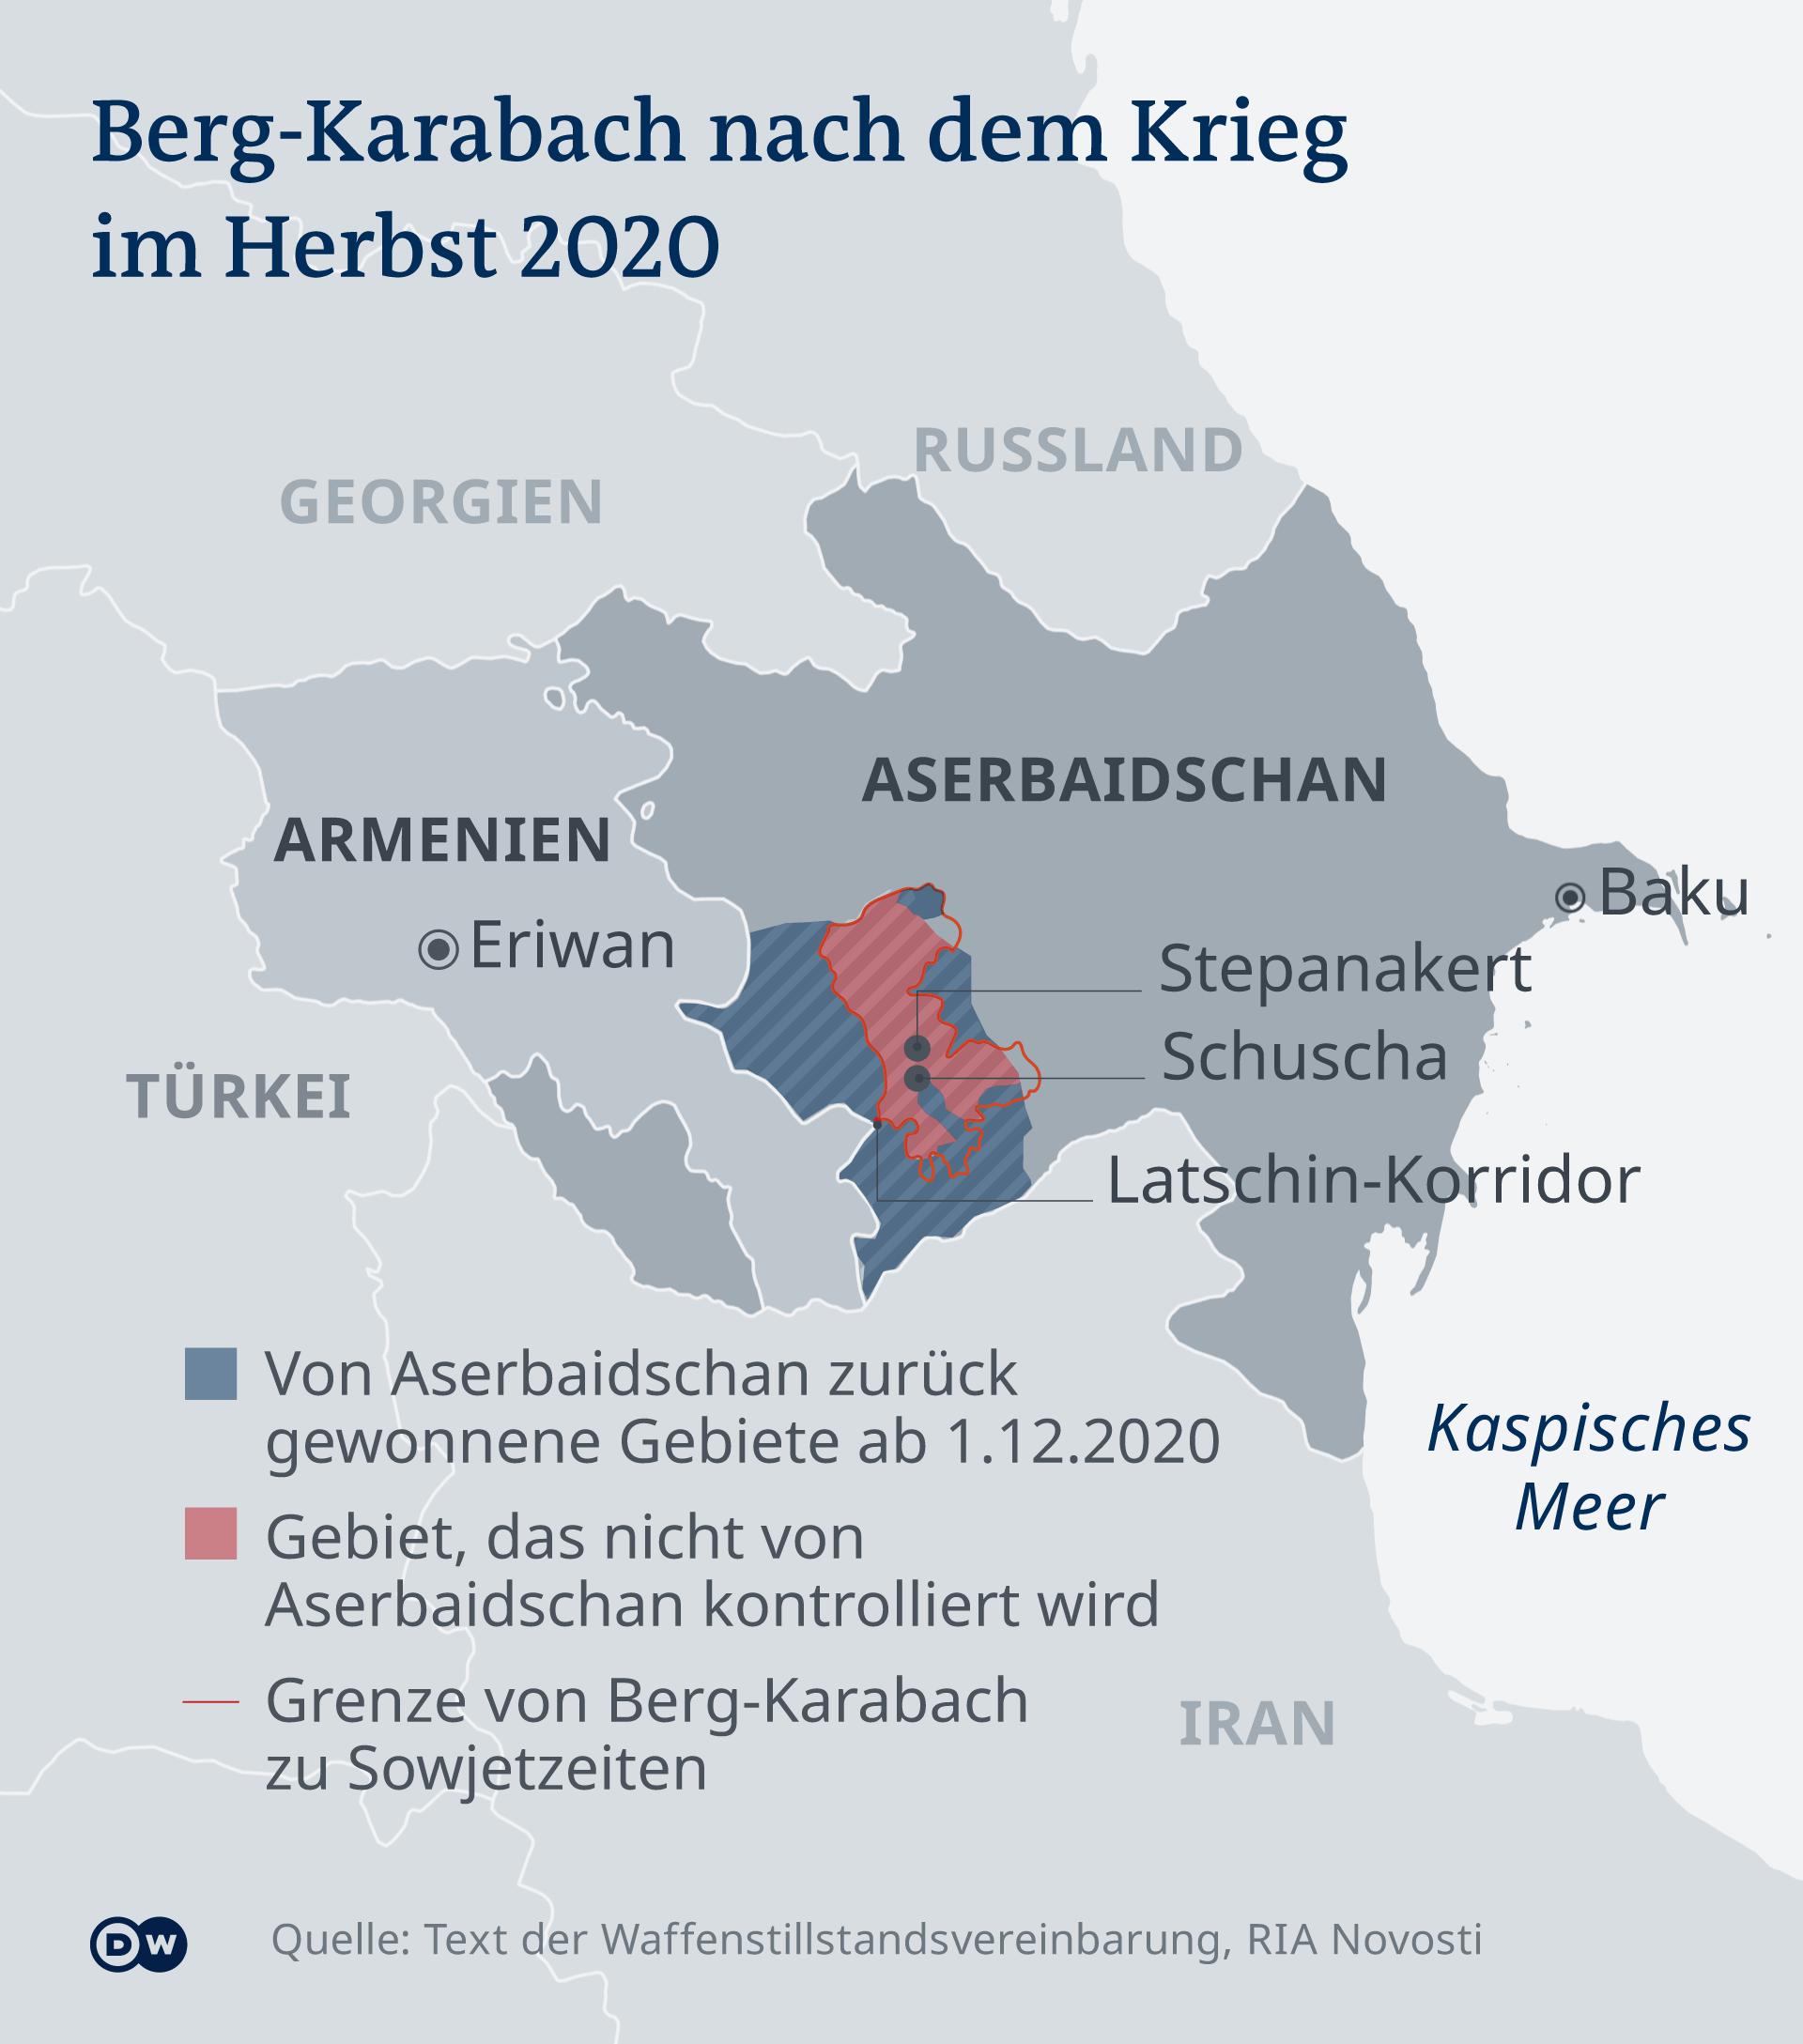 Infografik Karte Berg-Karabach nach dem Krieg im Herbst 2020 DE